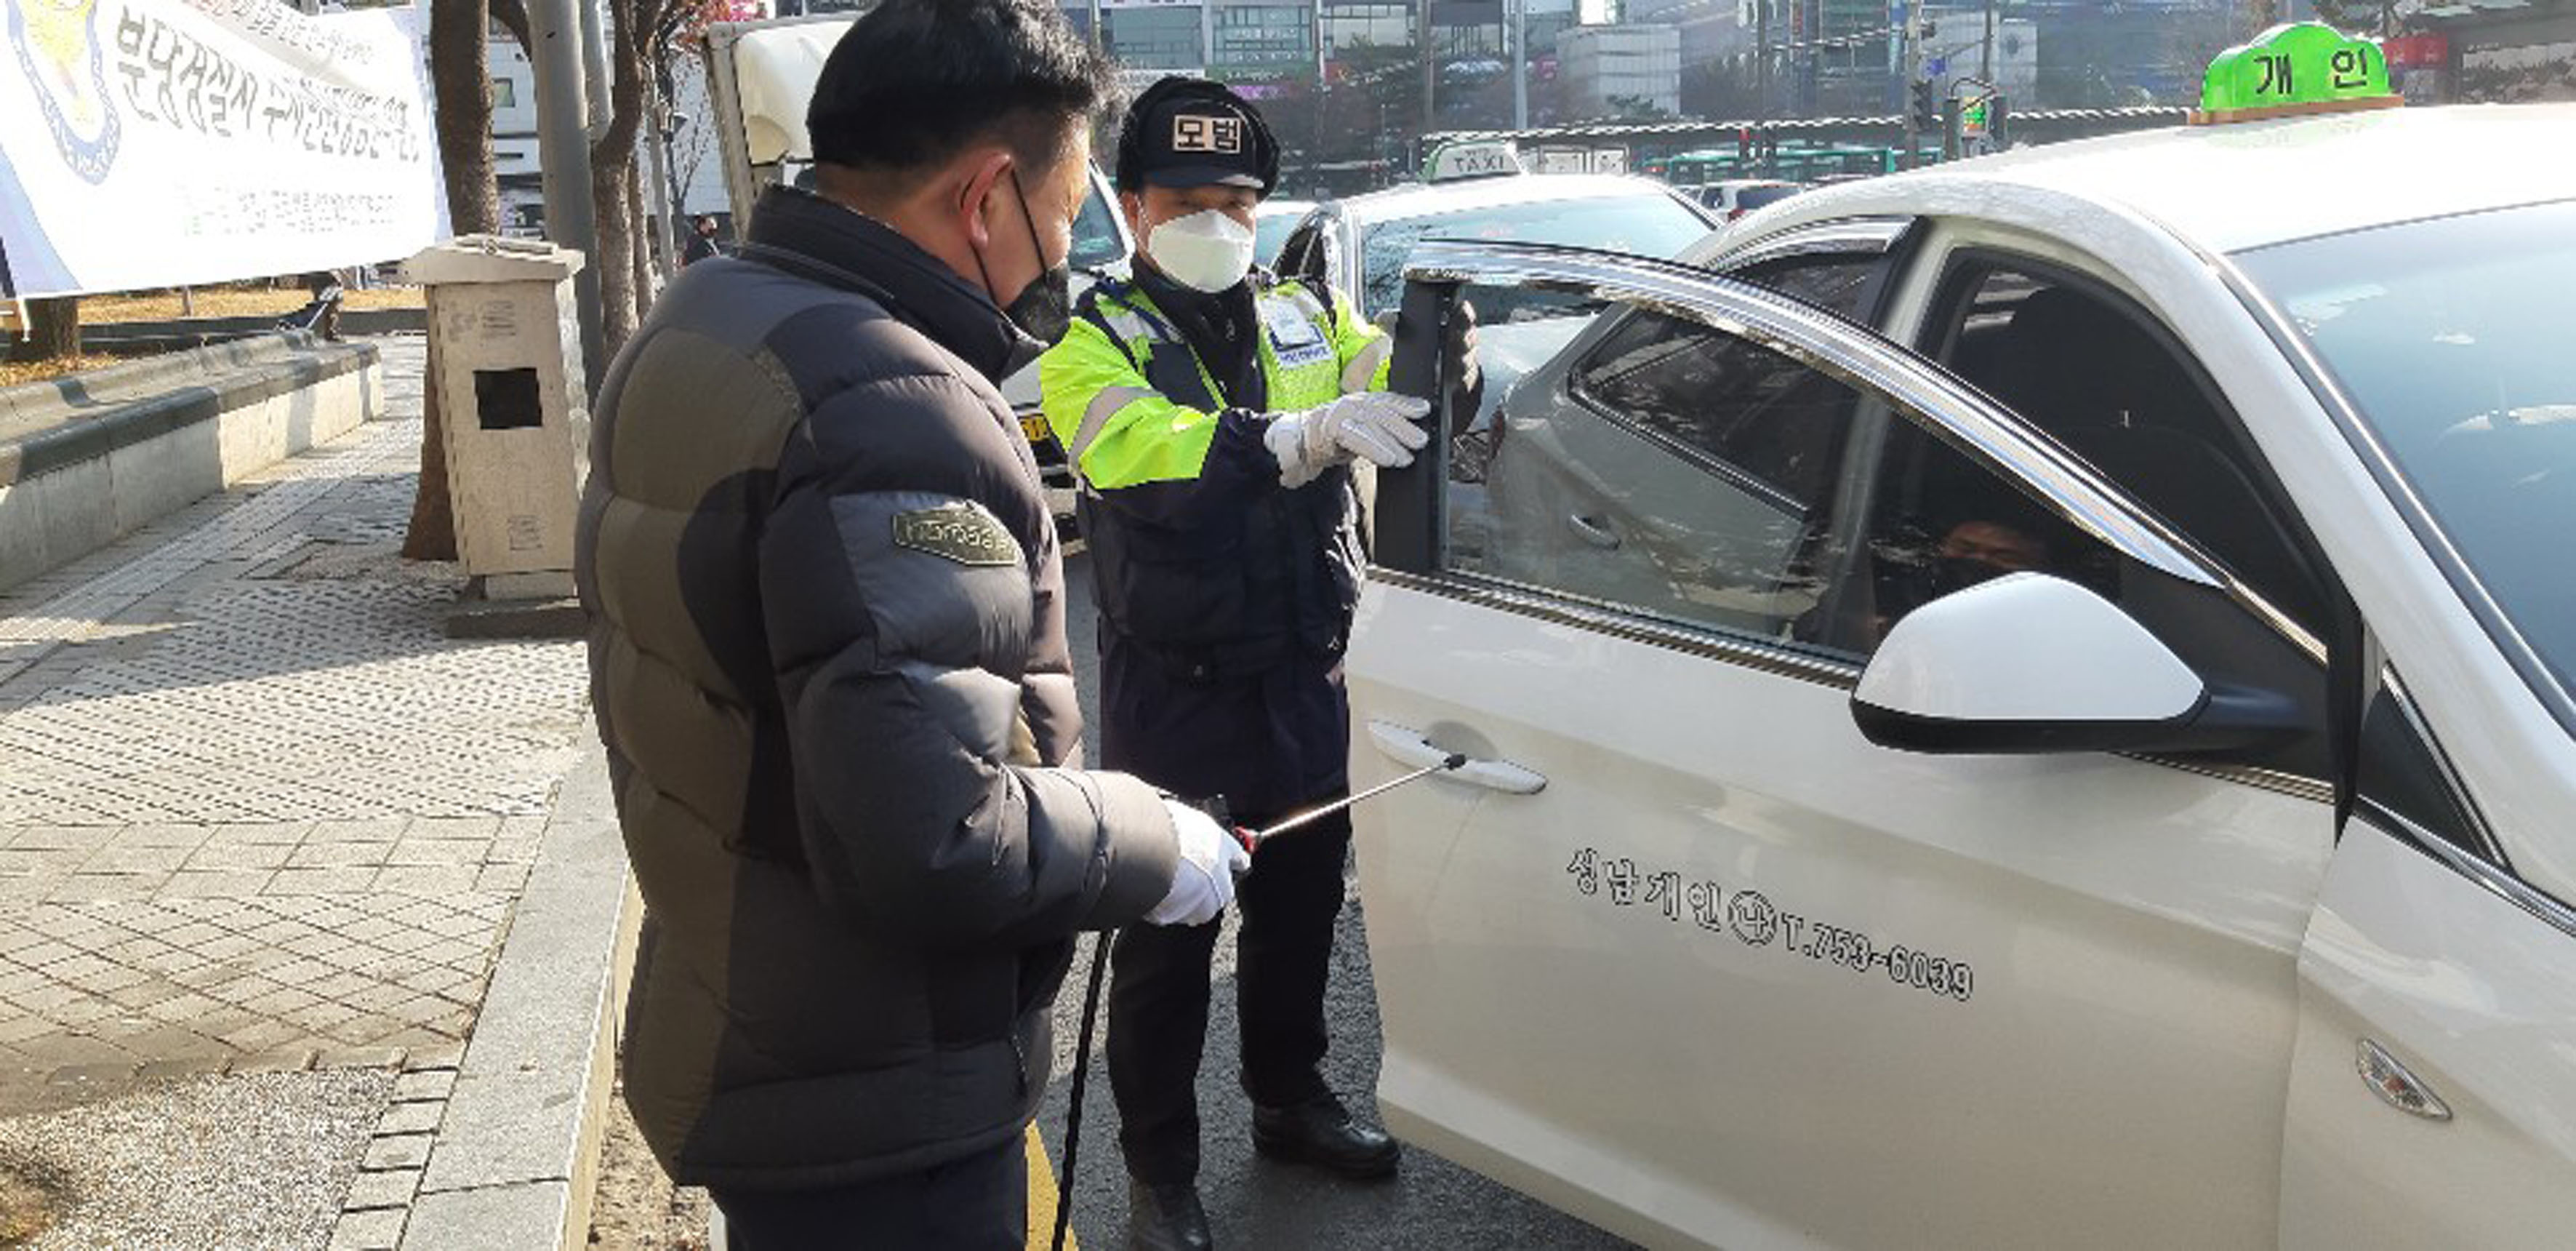 '신종 코로나 차단' 성남시 4693대 모든 택시·버스 매일 소독